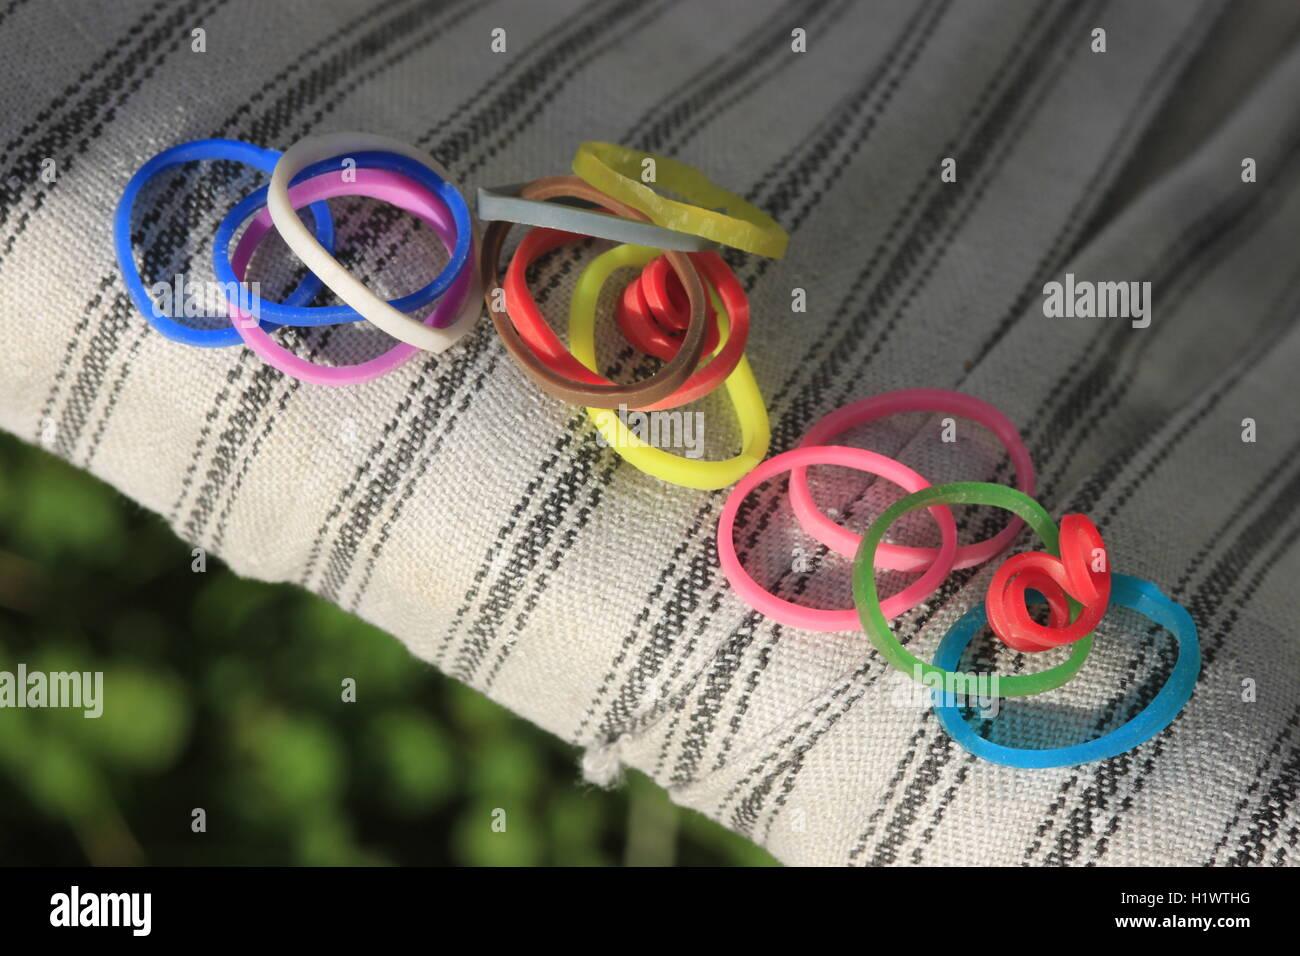 Le bande del telaio sulla struttura di poltrona sdraio vintage colori luminosi rosso verde blu rosa arancione Immagini Stock